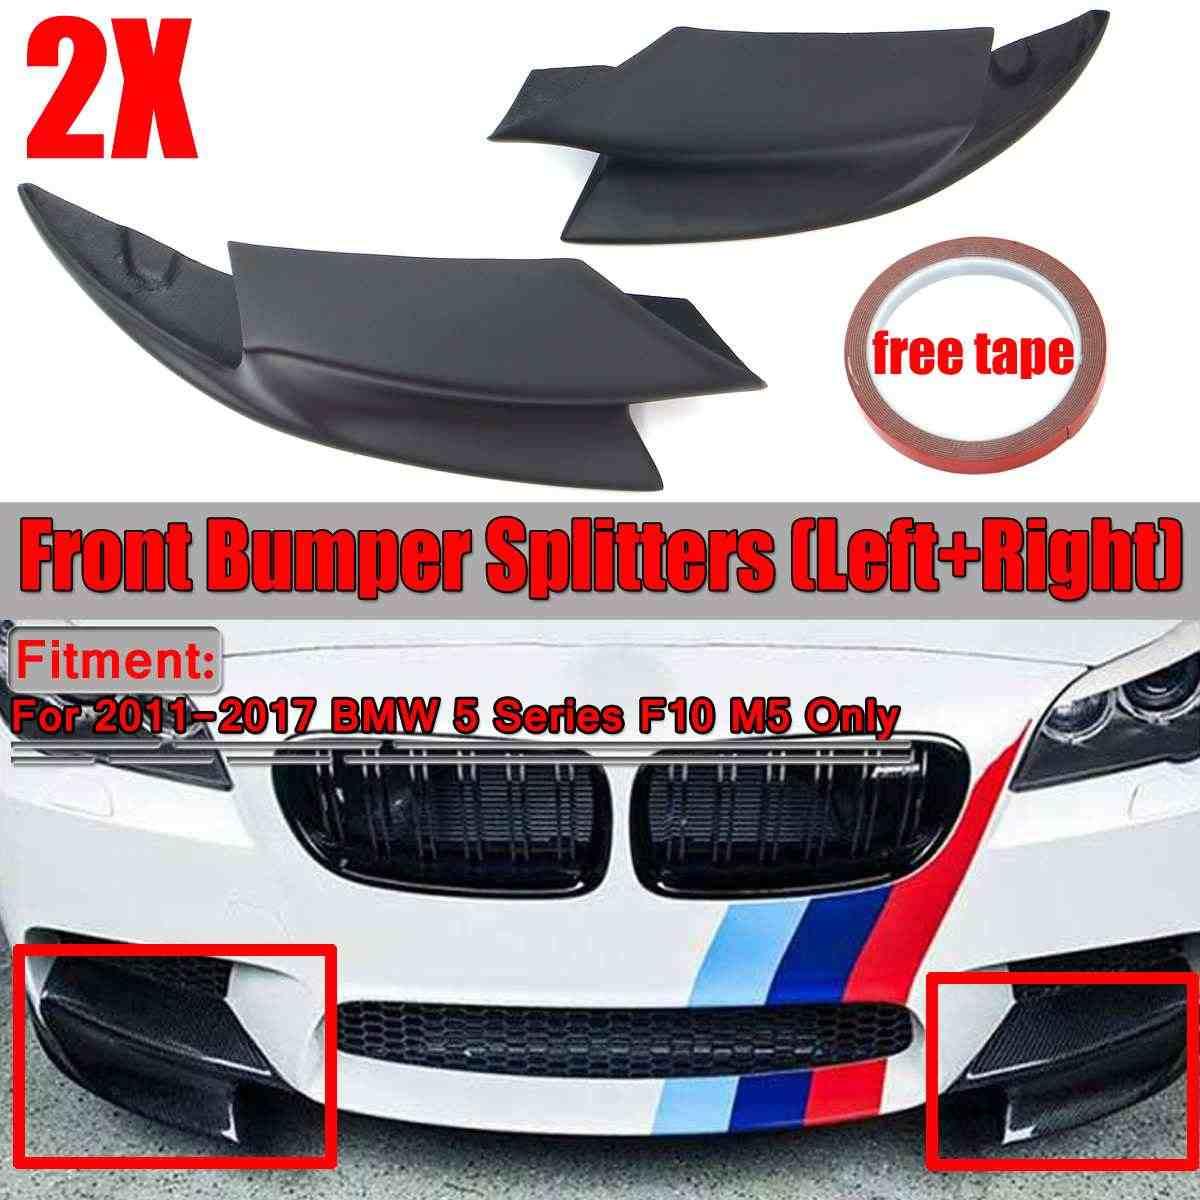 UNA Coppia F10 M5 Auto Paraurti Anteriore Splitter Del Labbro Del Corpo Kit Spoiler Per BMW Serie 5 F10 M5 2011 2012 2013 2014-2017 Paraurti Auto Lip